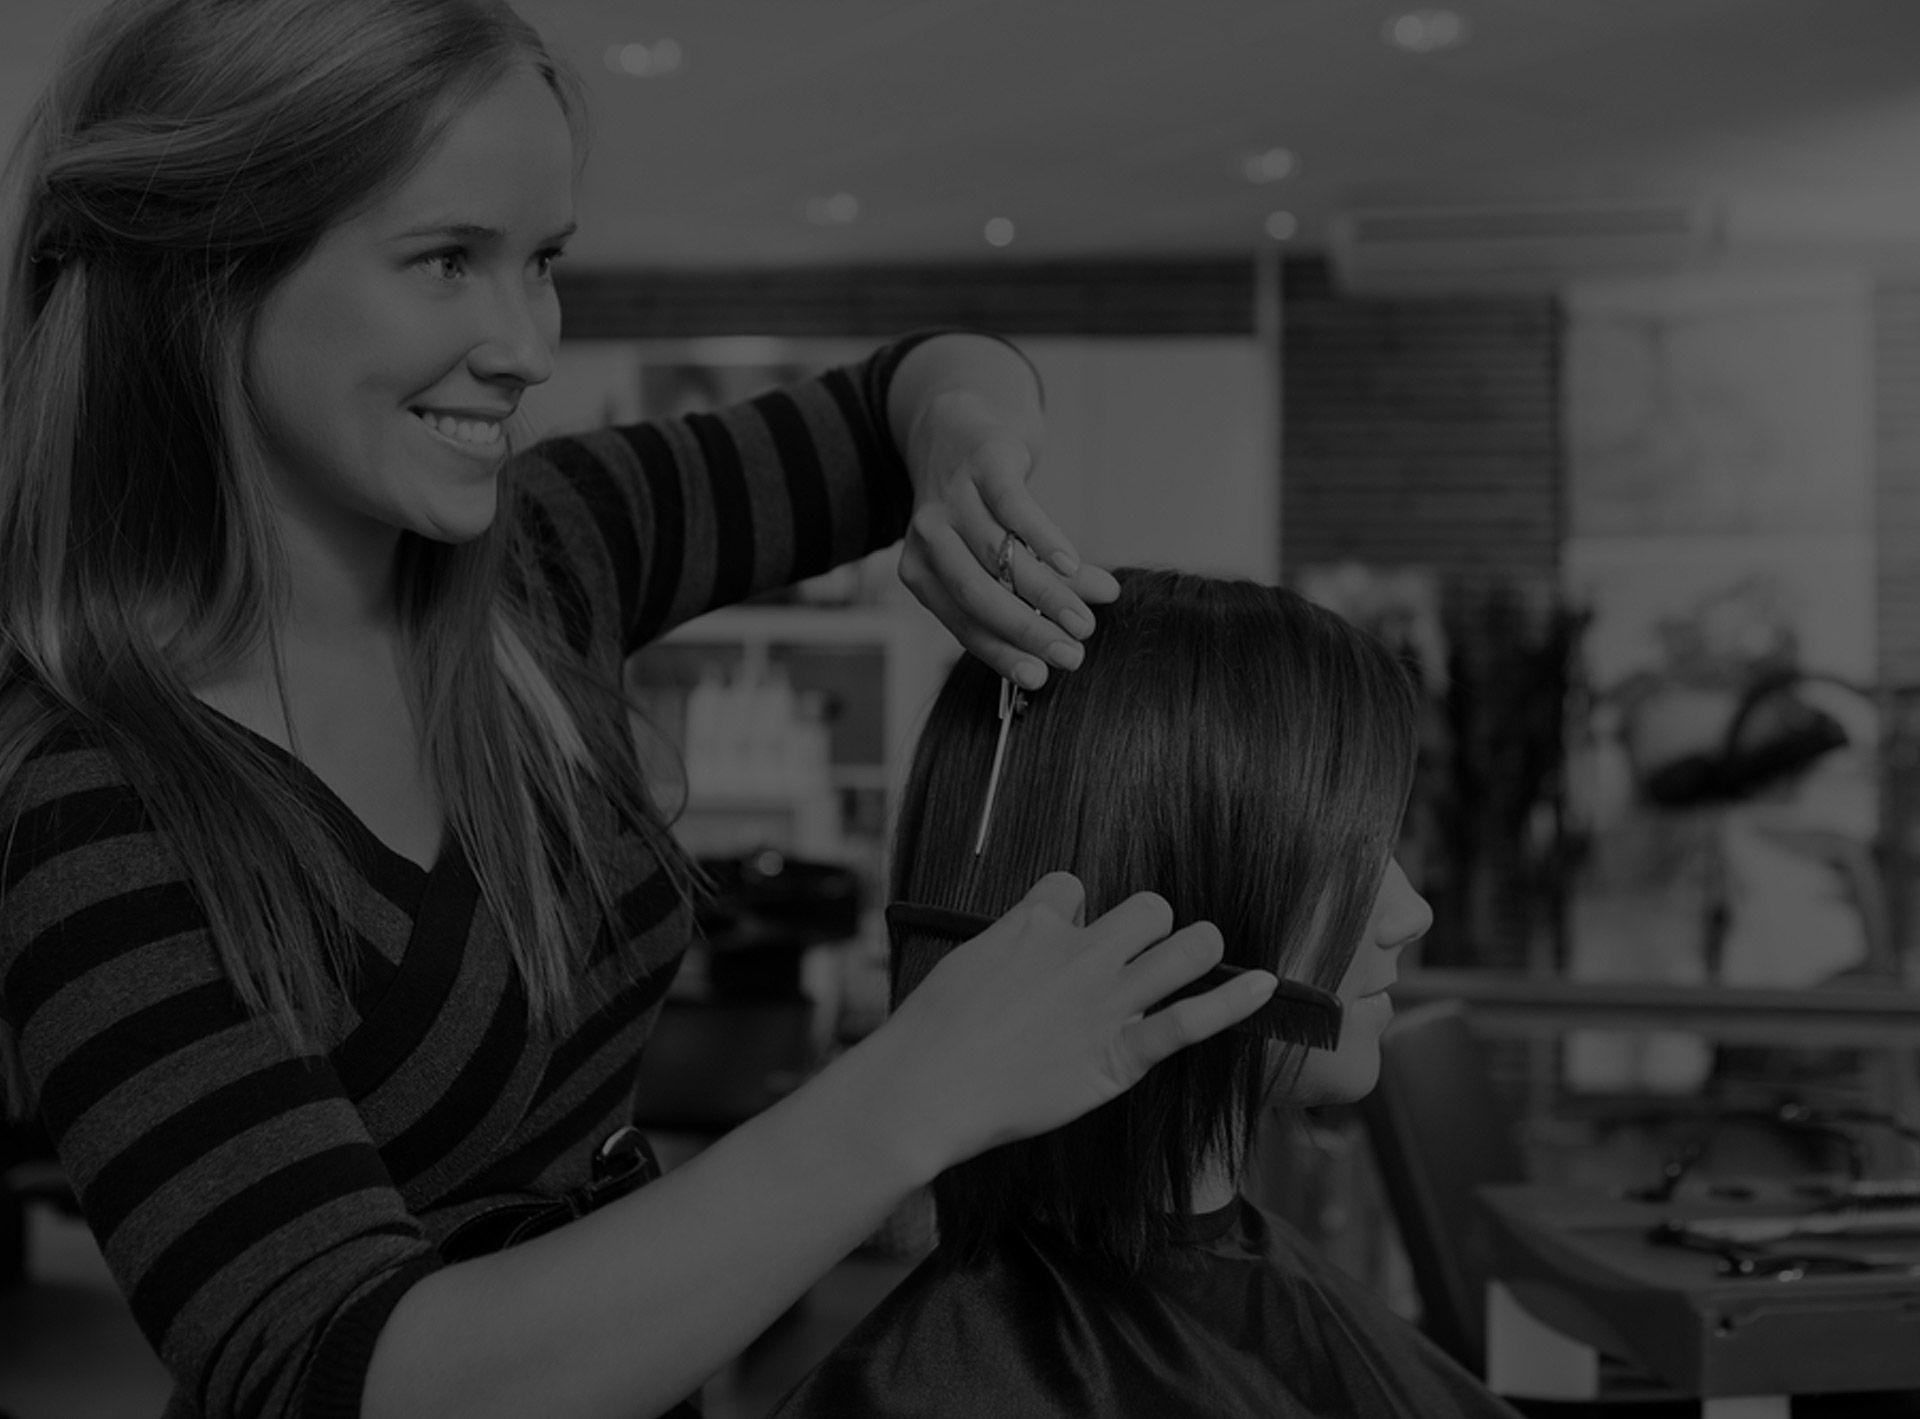 Centros de belleza, las tendencias que están por llegar según Hair & Beauty